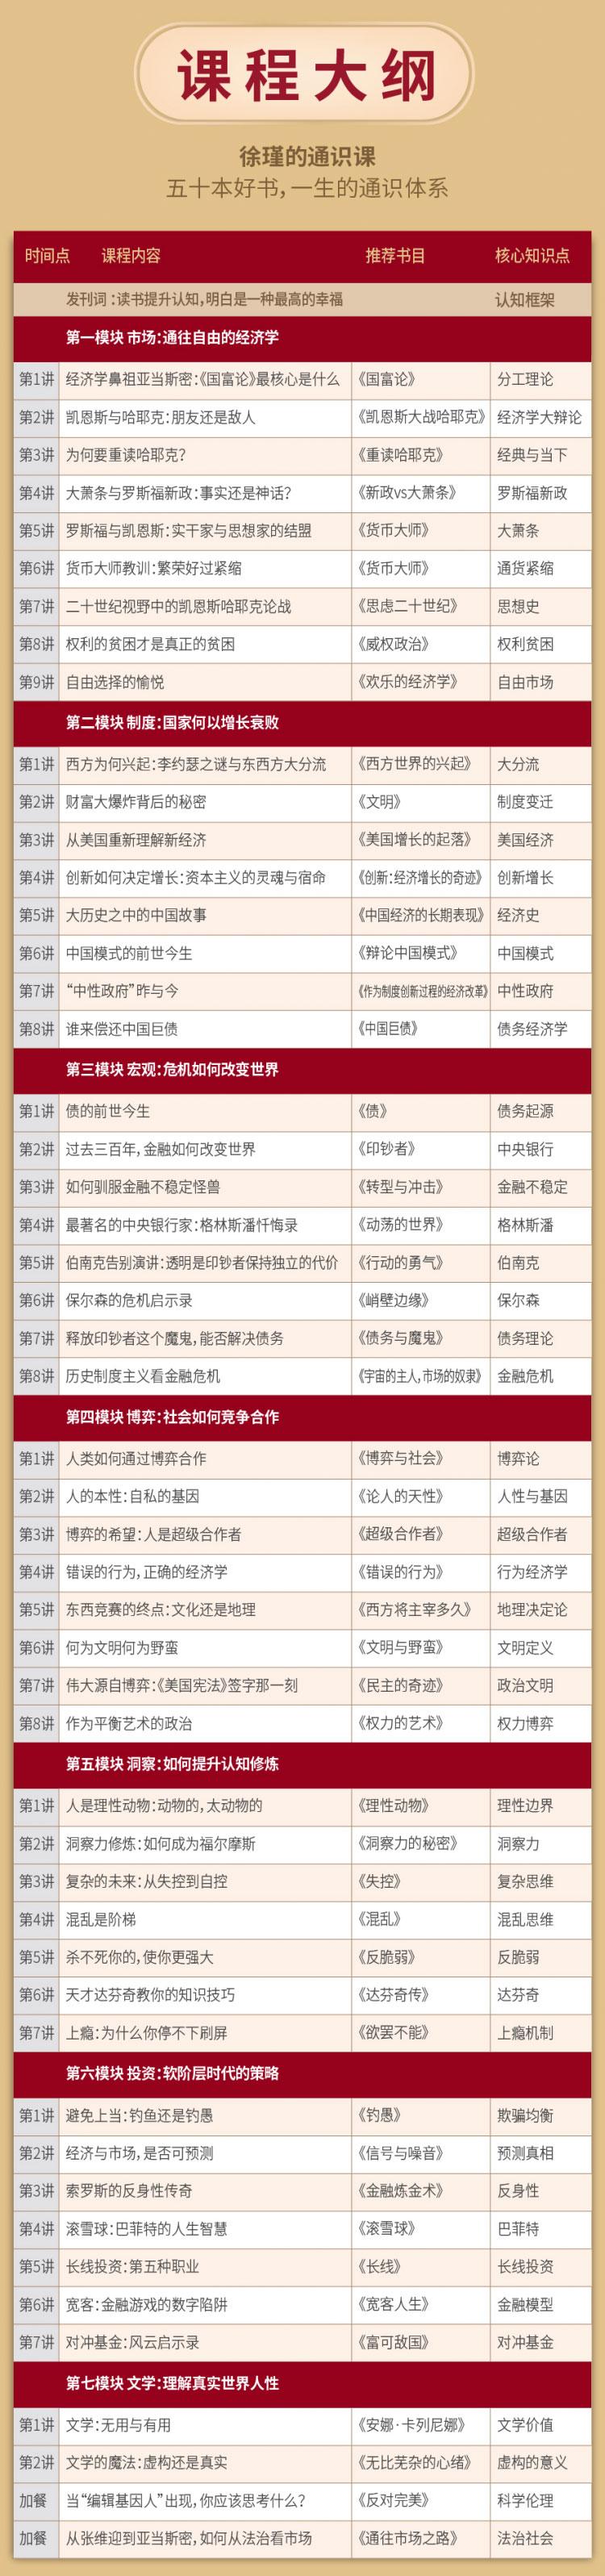 1581787283434803.jpg 【资源下载】徐瑾的通识课,五十本好书,一生的通识体系 资源下载